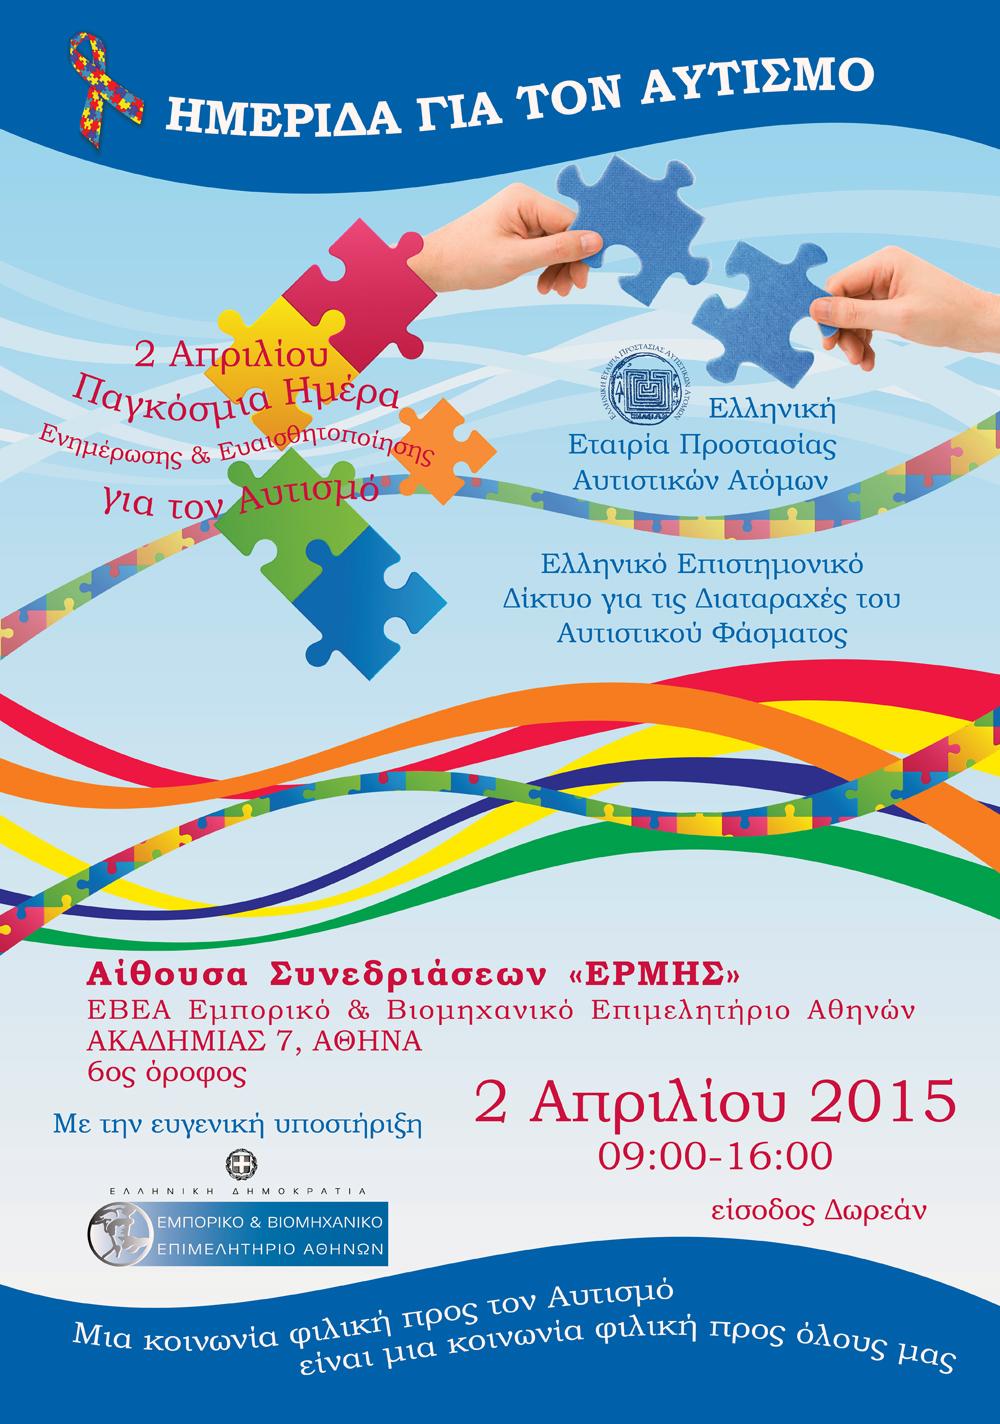 Ημερίδα για τον Αυτισμό - Πέμπτη 2 Απριλίου 2015 από την ΕΕΠΑΑ